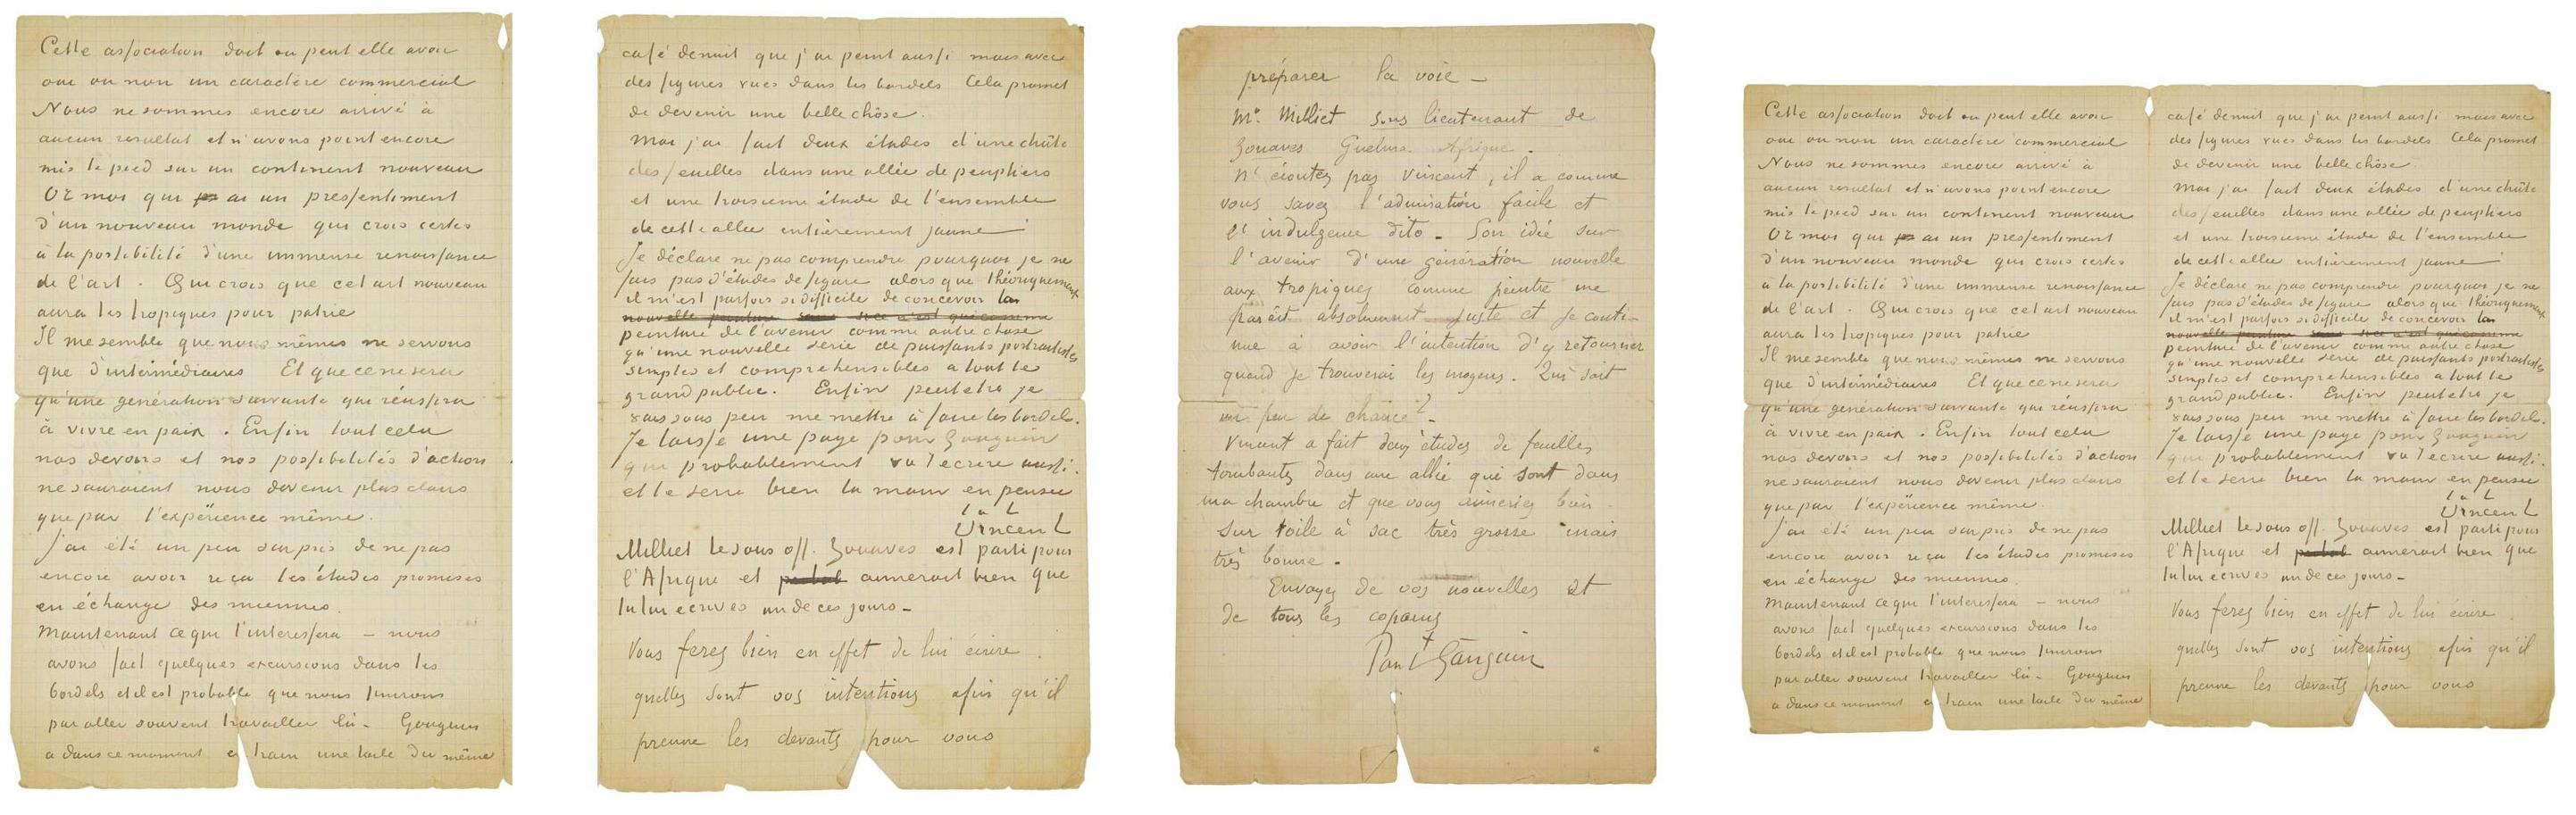 filevincent van gogh and paul gauguin letter vgm 716jpg